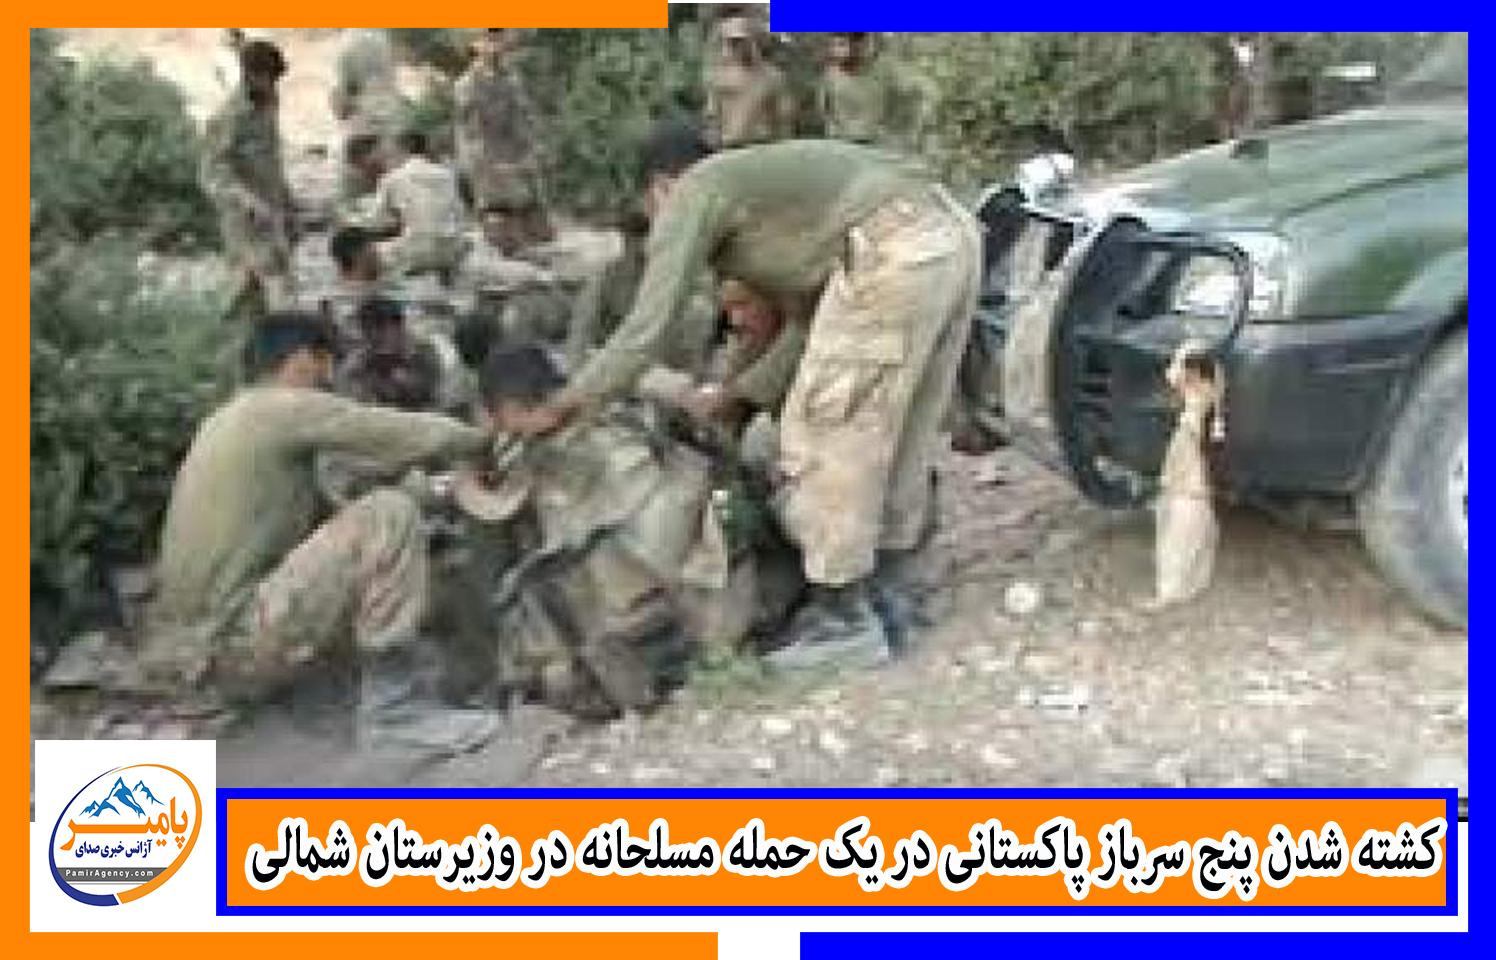 کشته شدن پنج سرباز پاکستانی در یک حمله مسلحانه در وزیرستان شمالی